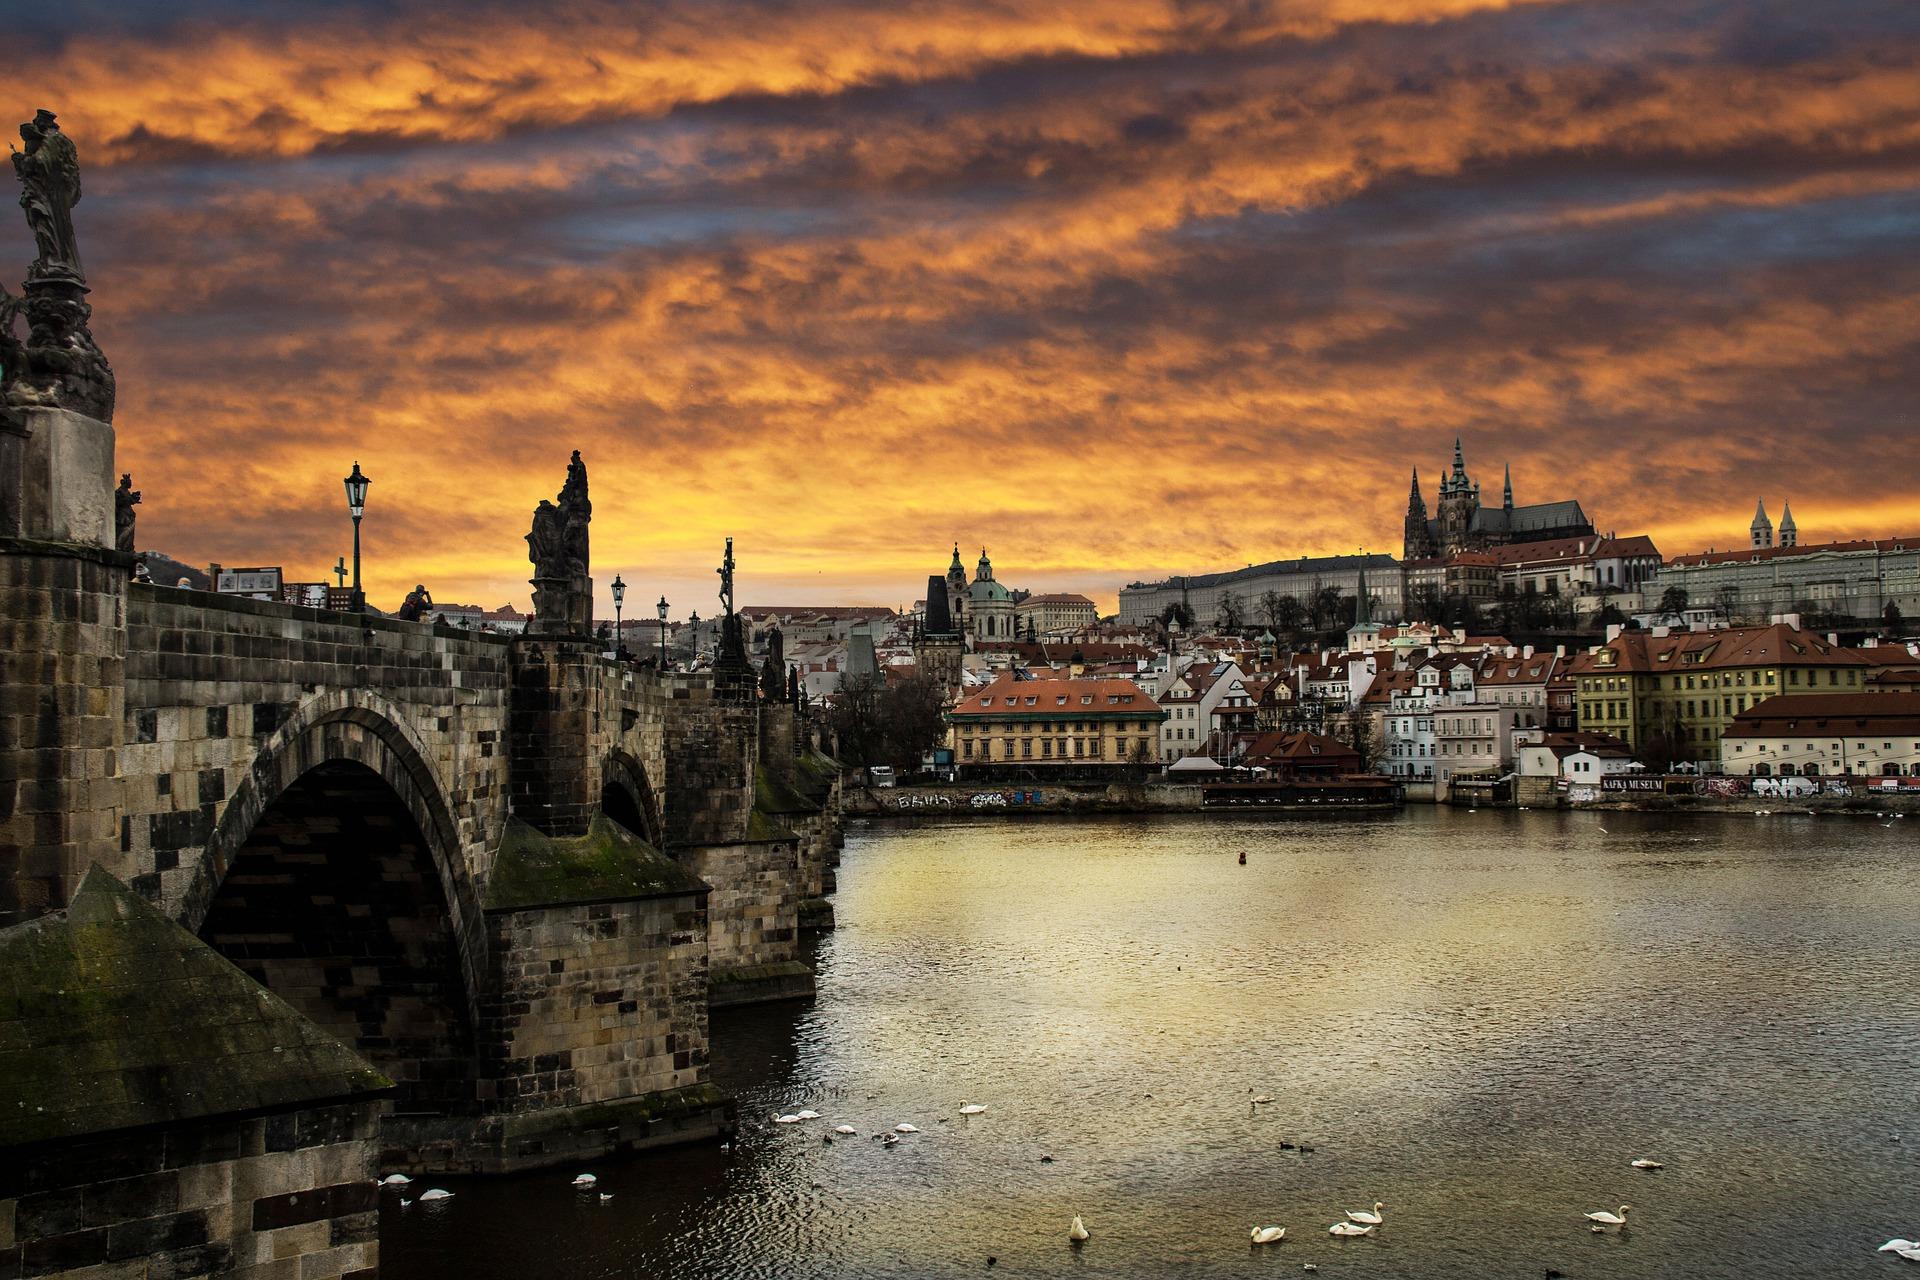 Moldau in Prag günstig Buchen ab 9,00€ die Nacht mit Frühstück